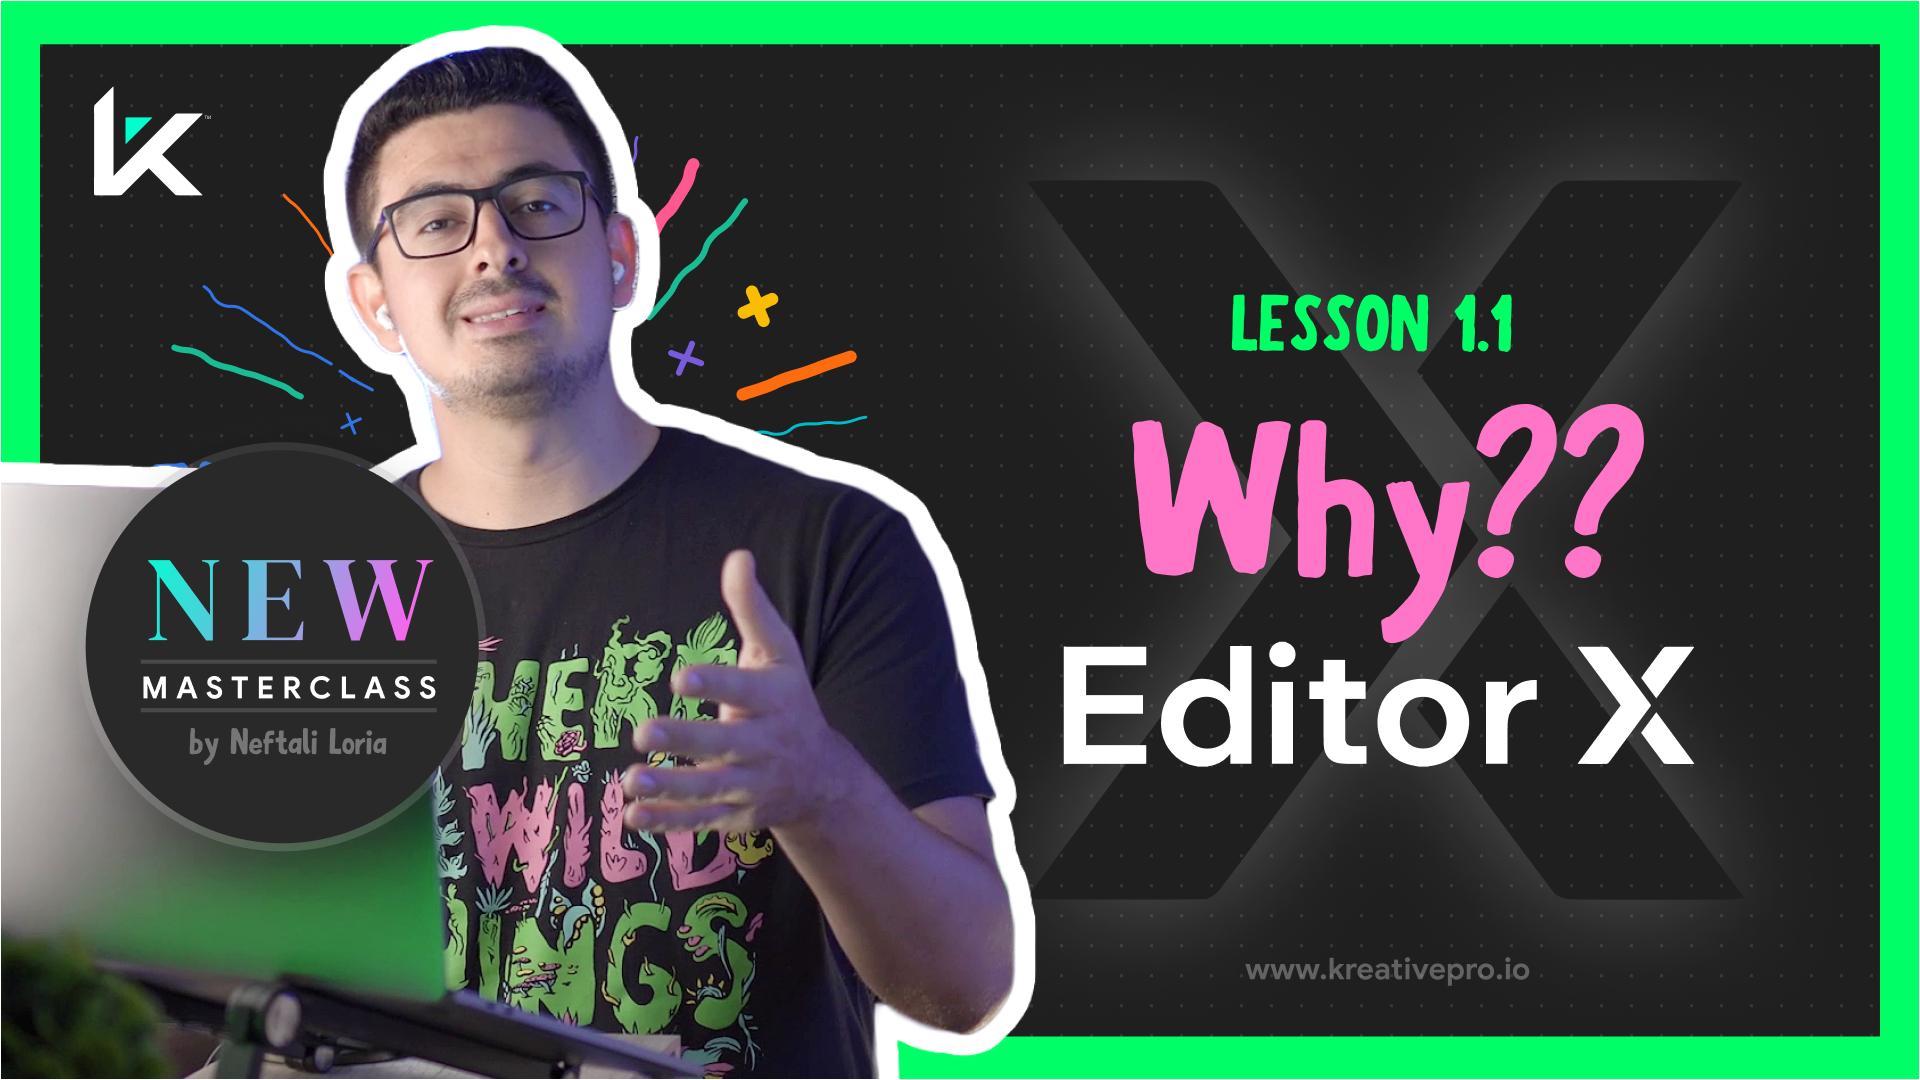 Editor X 1.1 - Why Editor X?